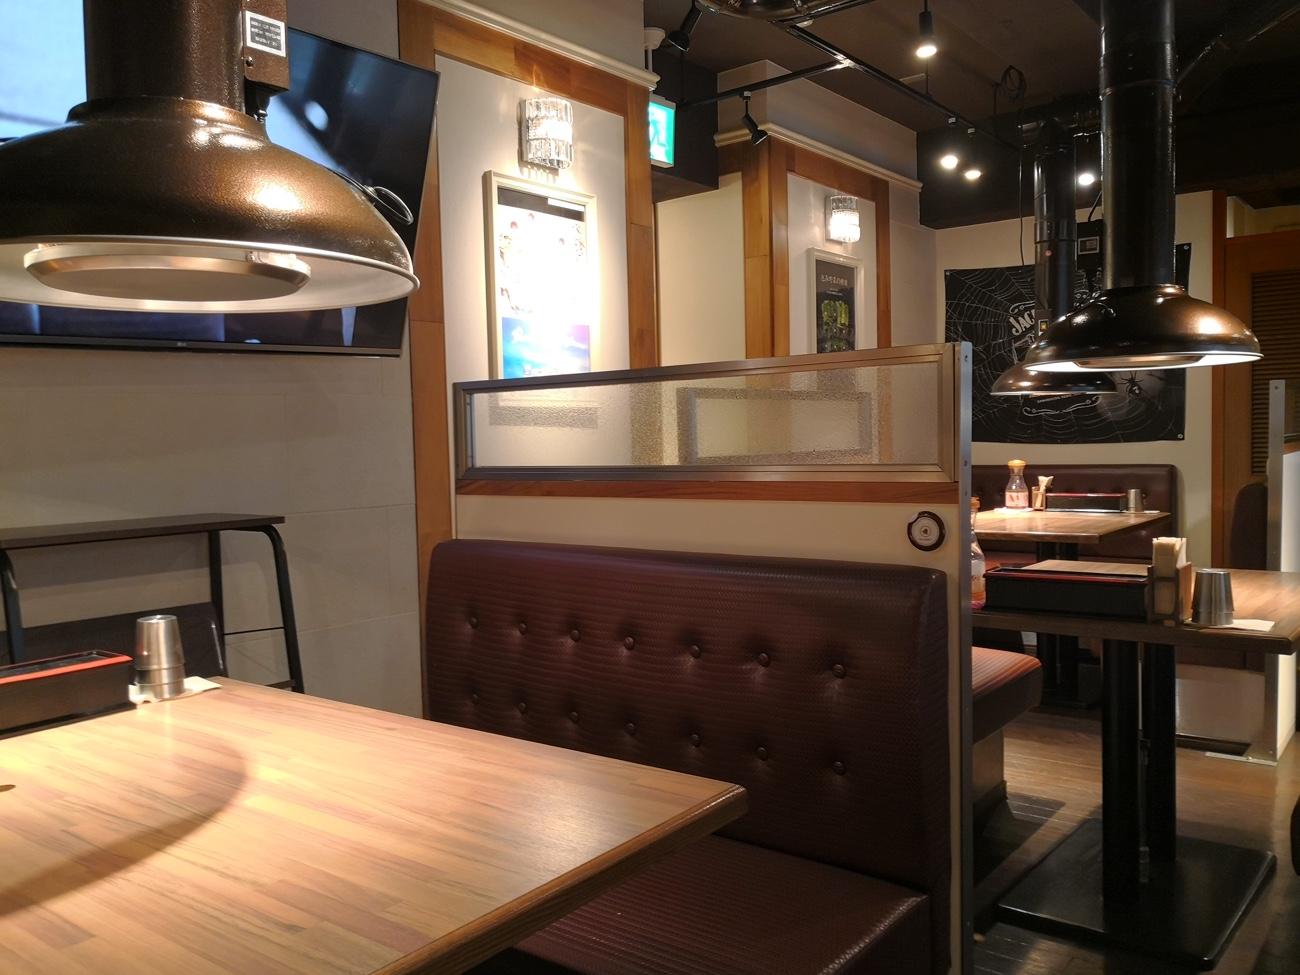 赤坂で韓国料理のランチ 赤坂美豚の店内